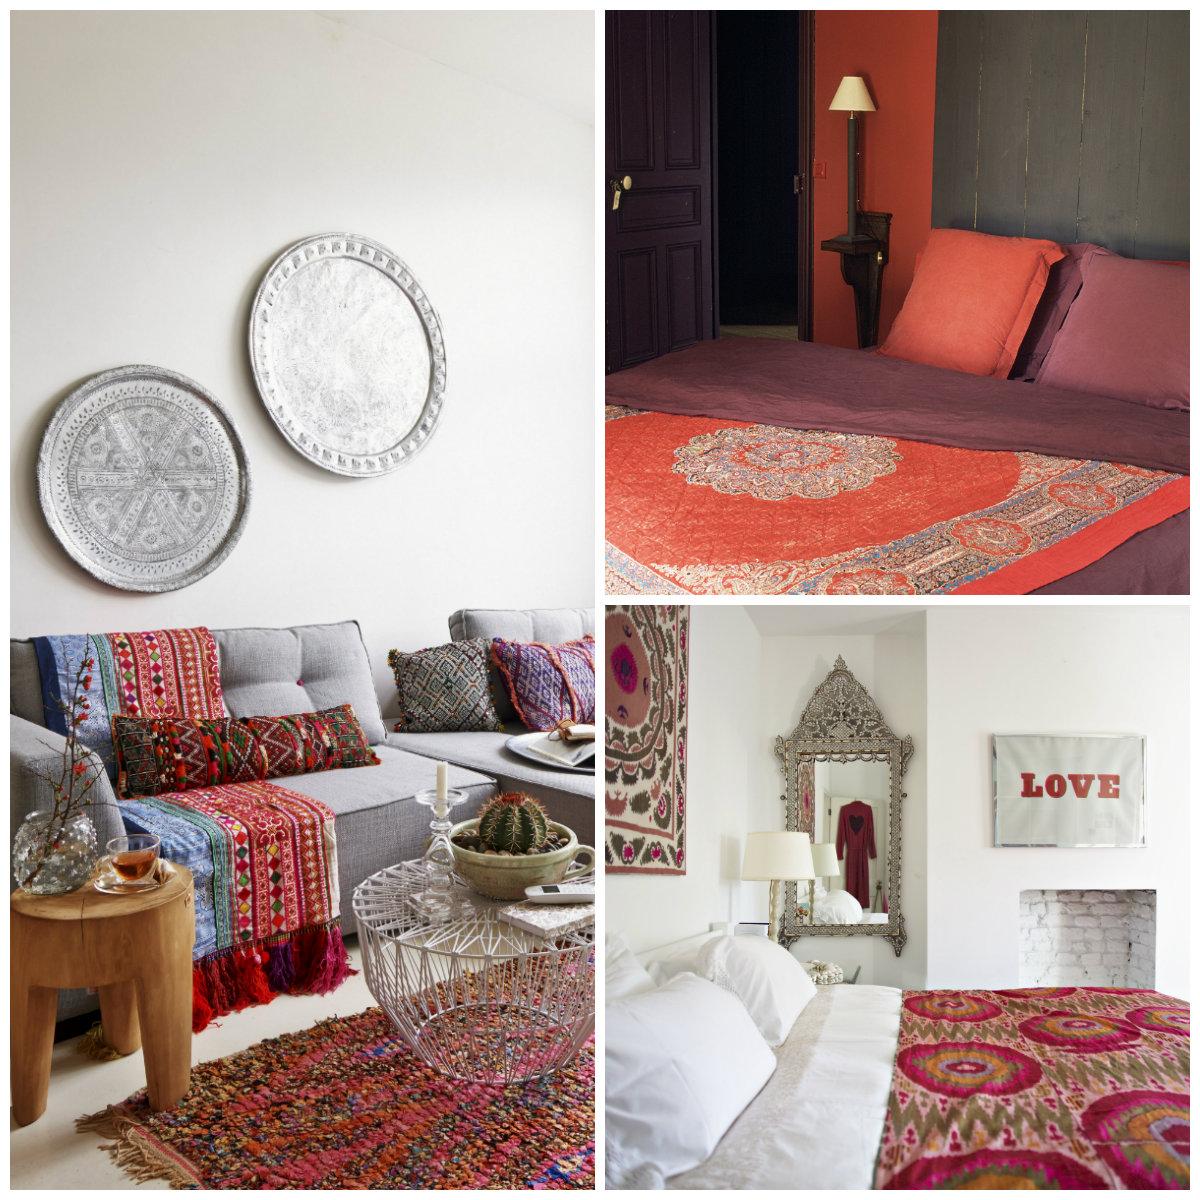 casa etnica divano letto cuscini tappeto quadri